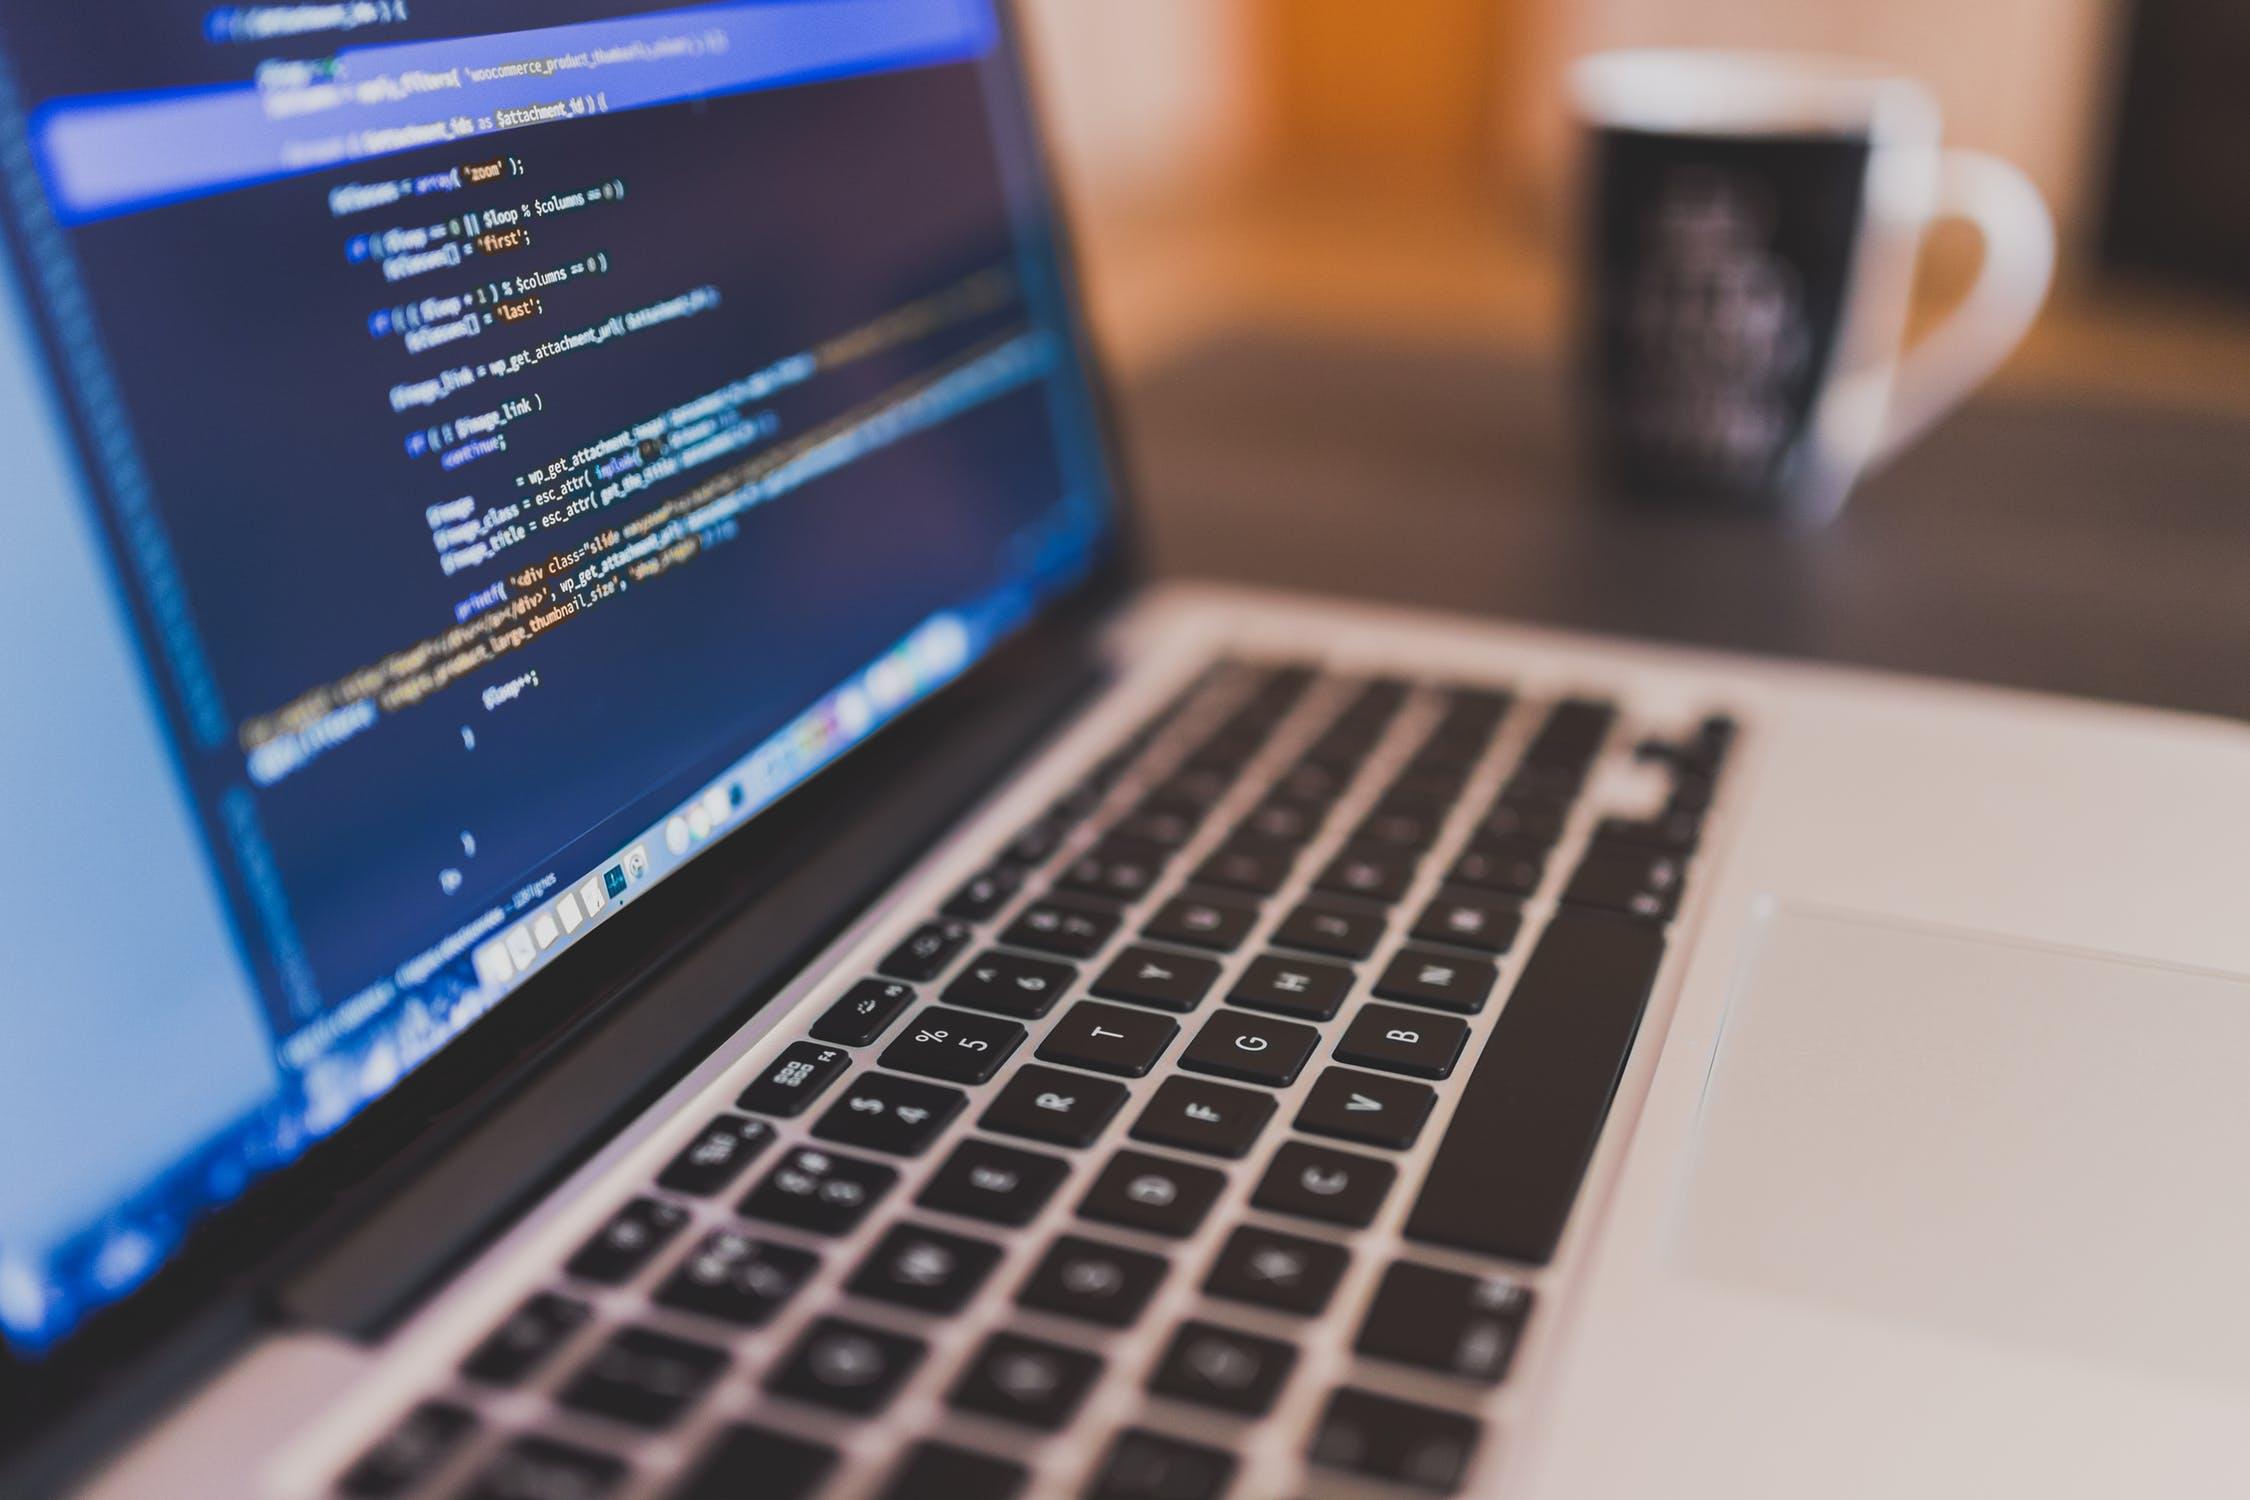 השוואת תוכנות מבוססות ענן לניהול העסק